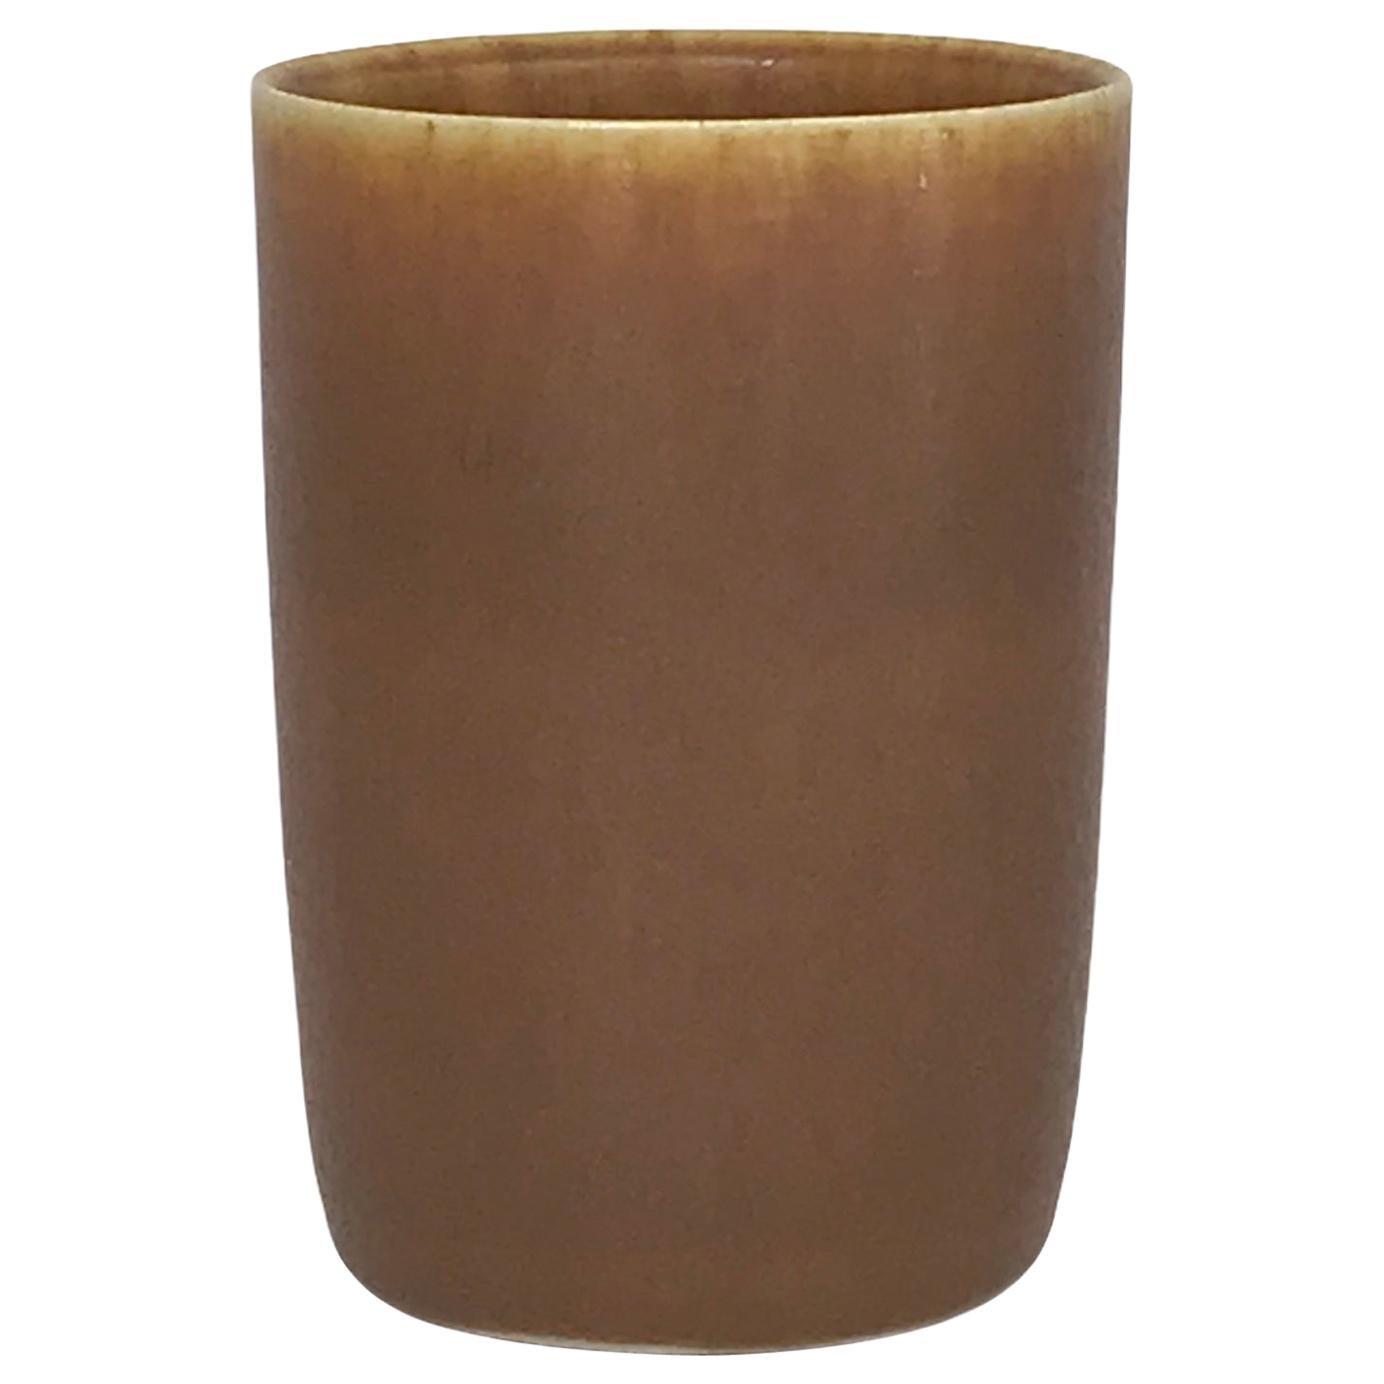 Palshus Danish Modern Stoneware Vessel by Per Linnemann Schmidt, Denmark, 1960s